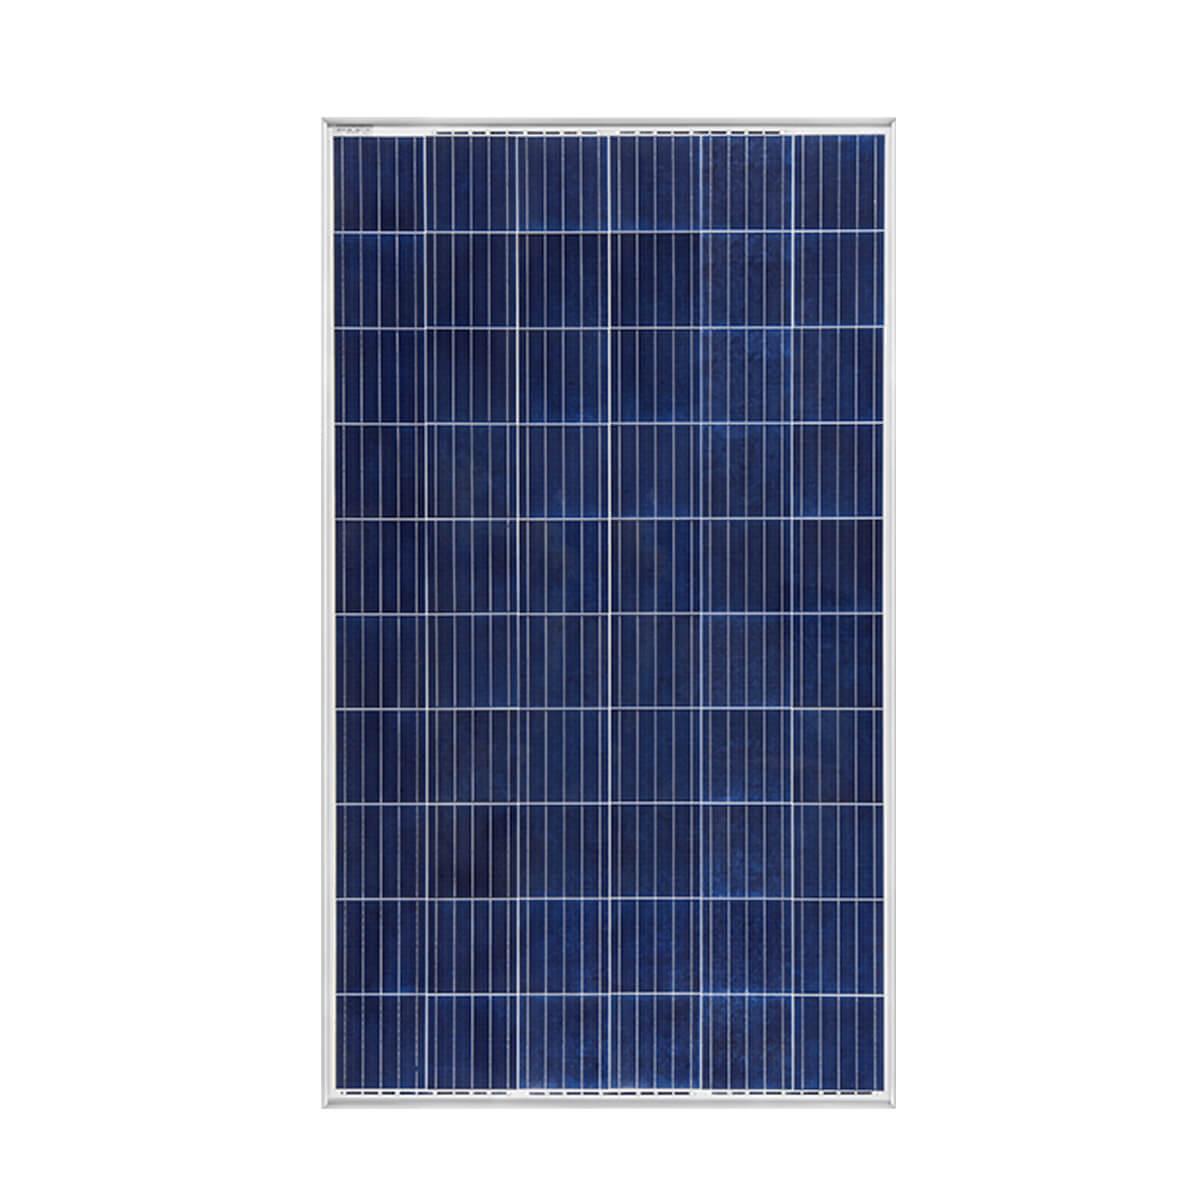 plurawatt 290W panel, plurawatt 290Watt panel, plurawatt 290 W panel, plurawatt 290 Watt panel, plurawatt 290 Watt polikristal panel, plurawatt 290 W watt gunes paneli, plurawatt 290 W watt polikristal gunes paneli, plurawatt 290 W Watt fotovoltaik polikristal solar panel, plurawatt 290W polikristal gunes enerjisi, plurawatt dc-60-290W panel, PLURAWATT 290 WATT